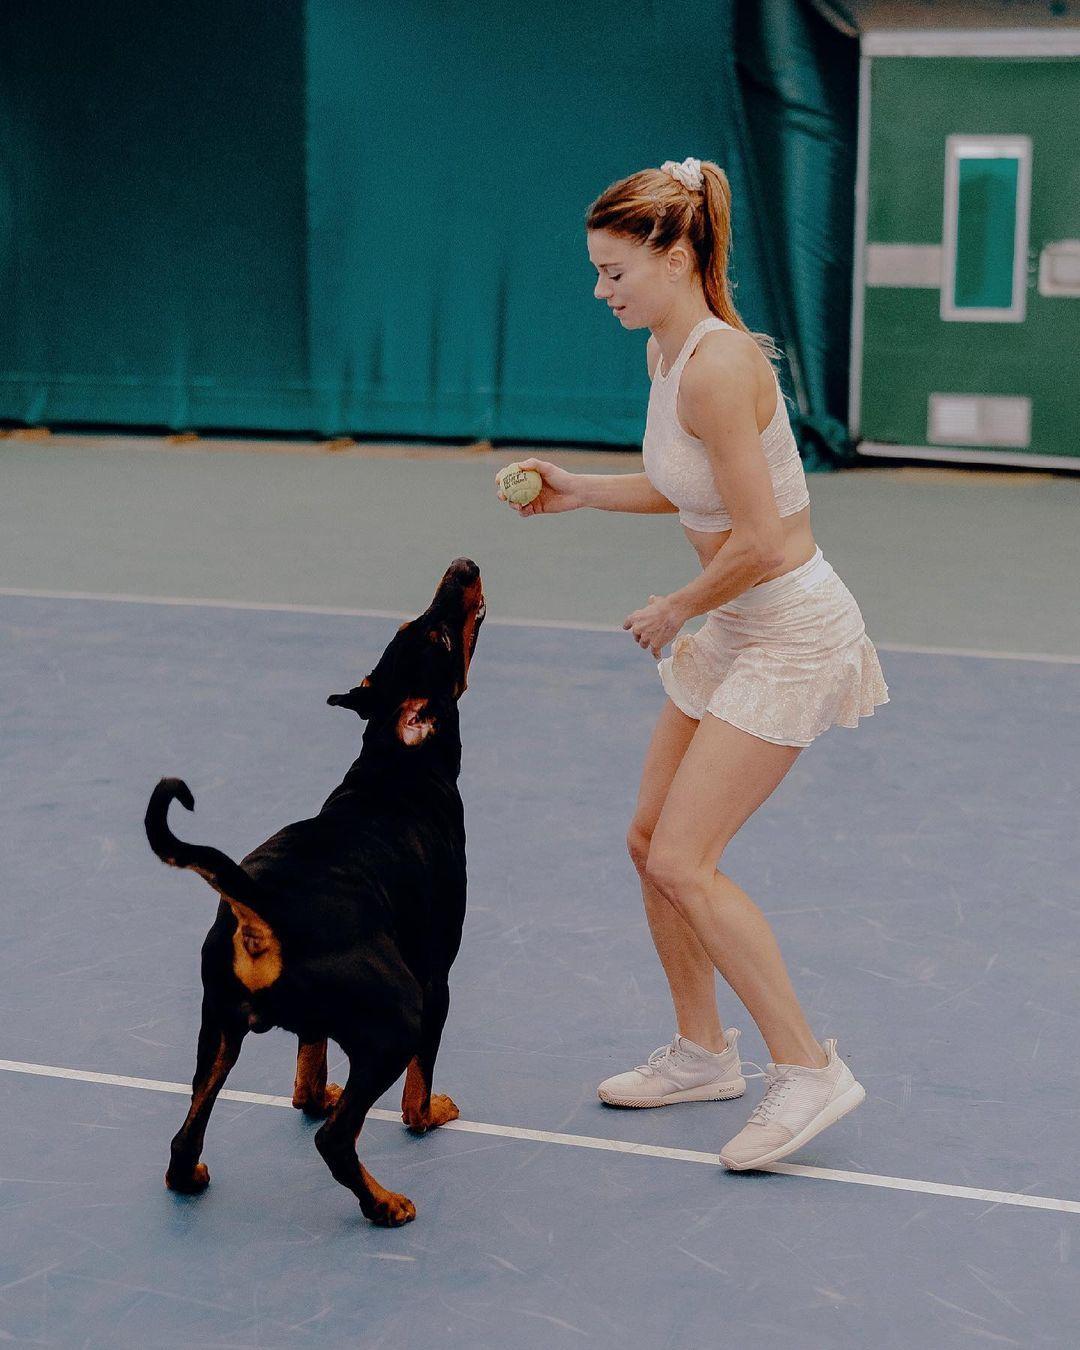 [东奥正妹]意大利网球女神小钢炮确定出战 超自律训练日常曝光 网络美女 第10张